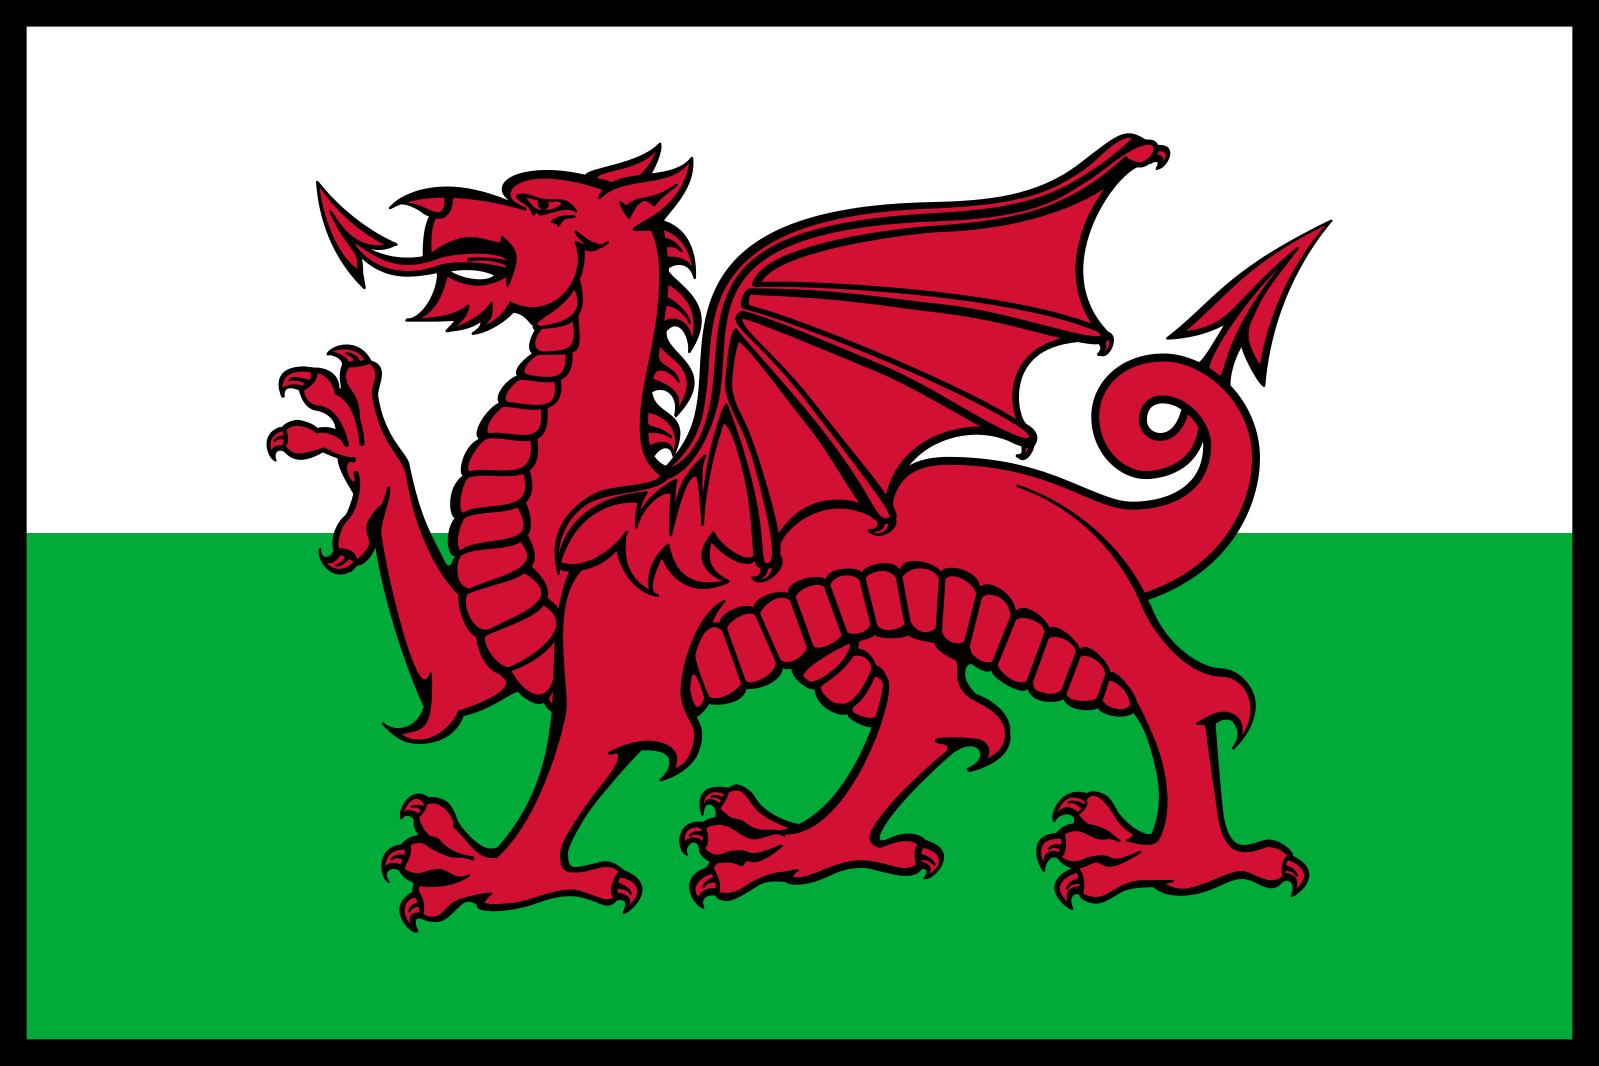 Les Symboles Nationaux Gallois